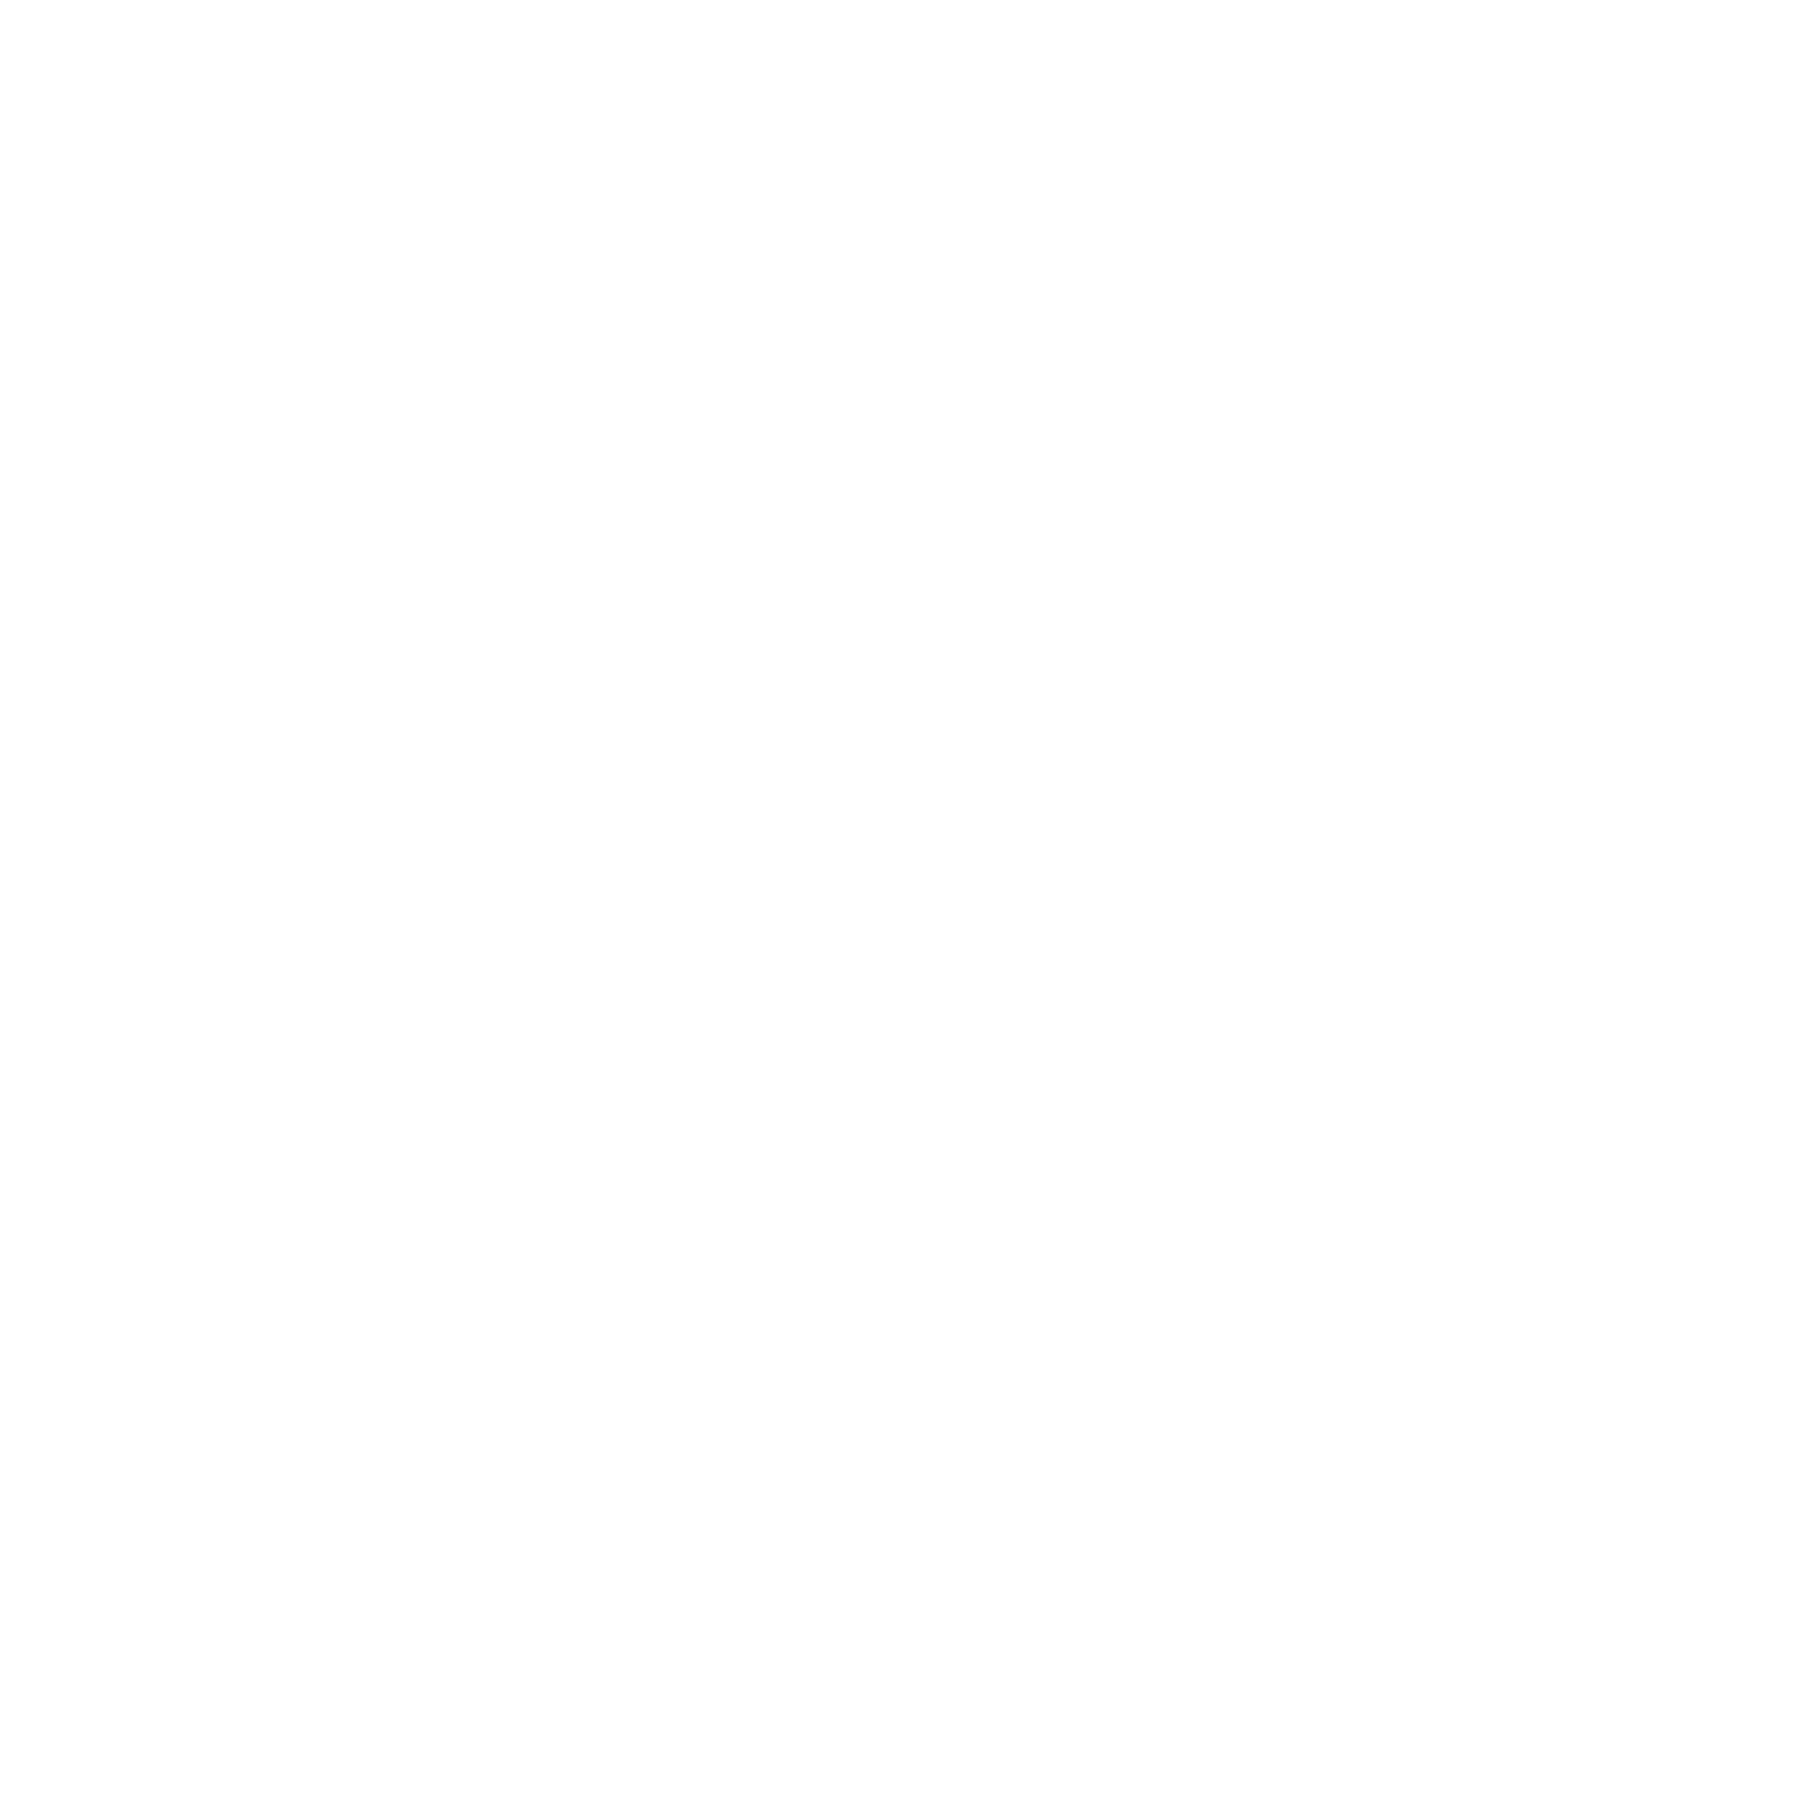 ESKAM